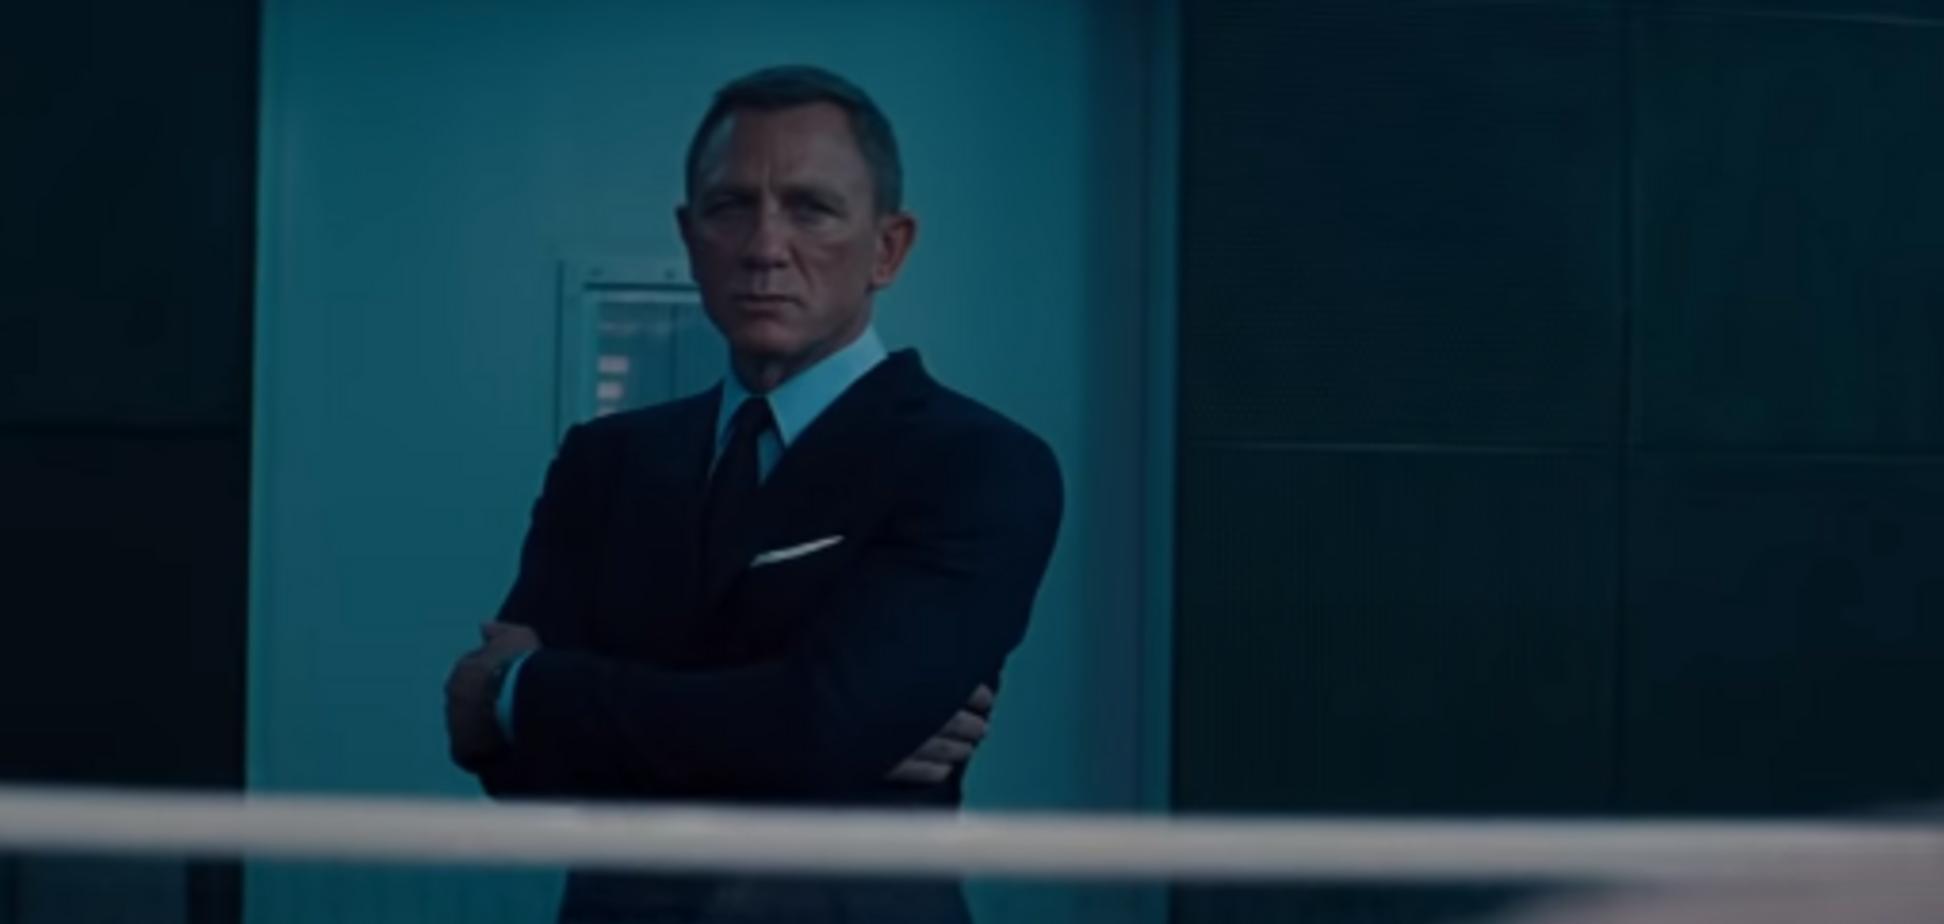 Трюки й кулемети з фар: вийшов захопливий трейлер нового фільму про Бонда